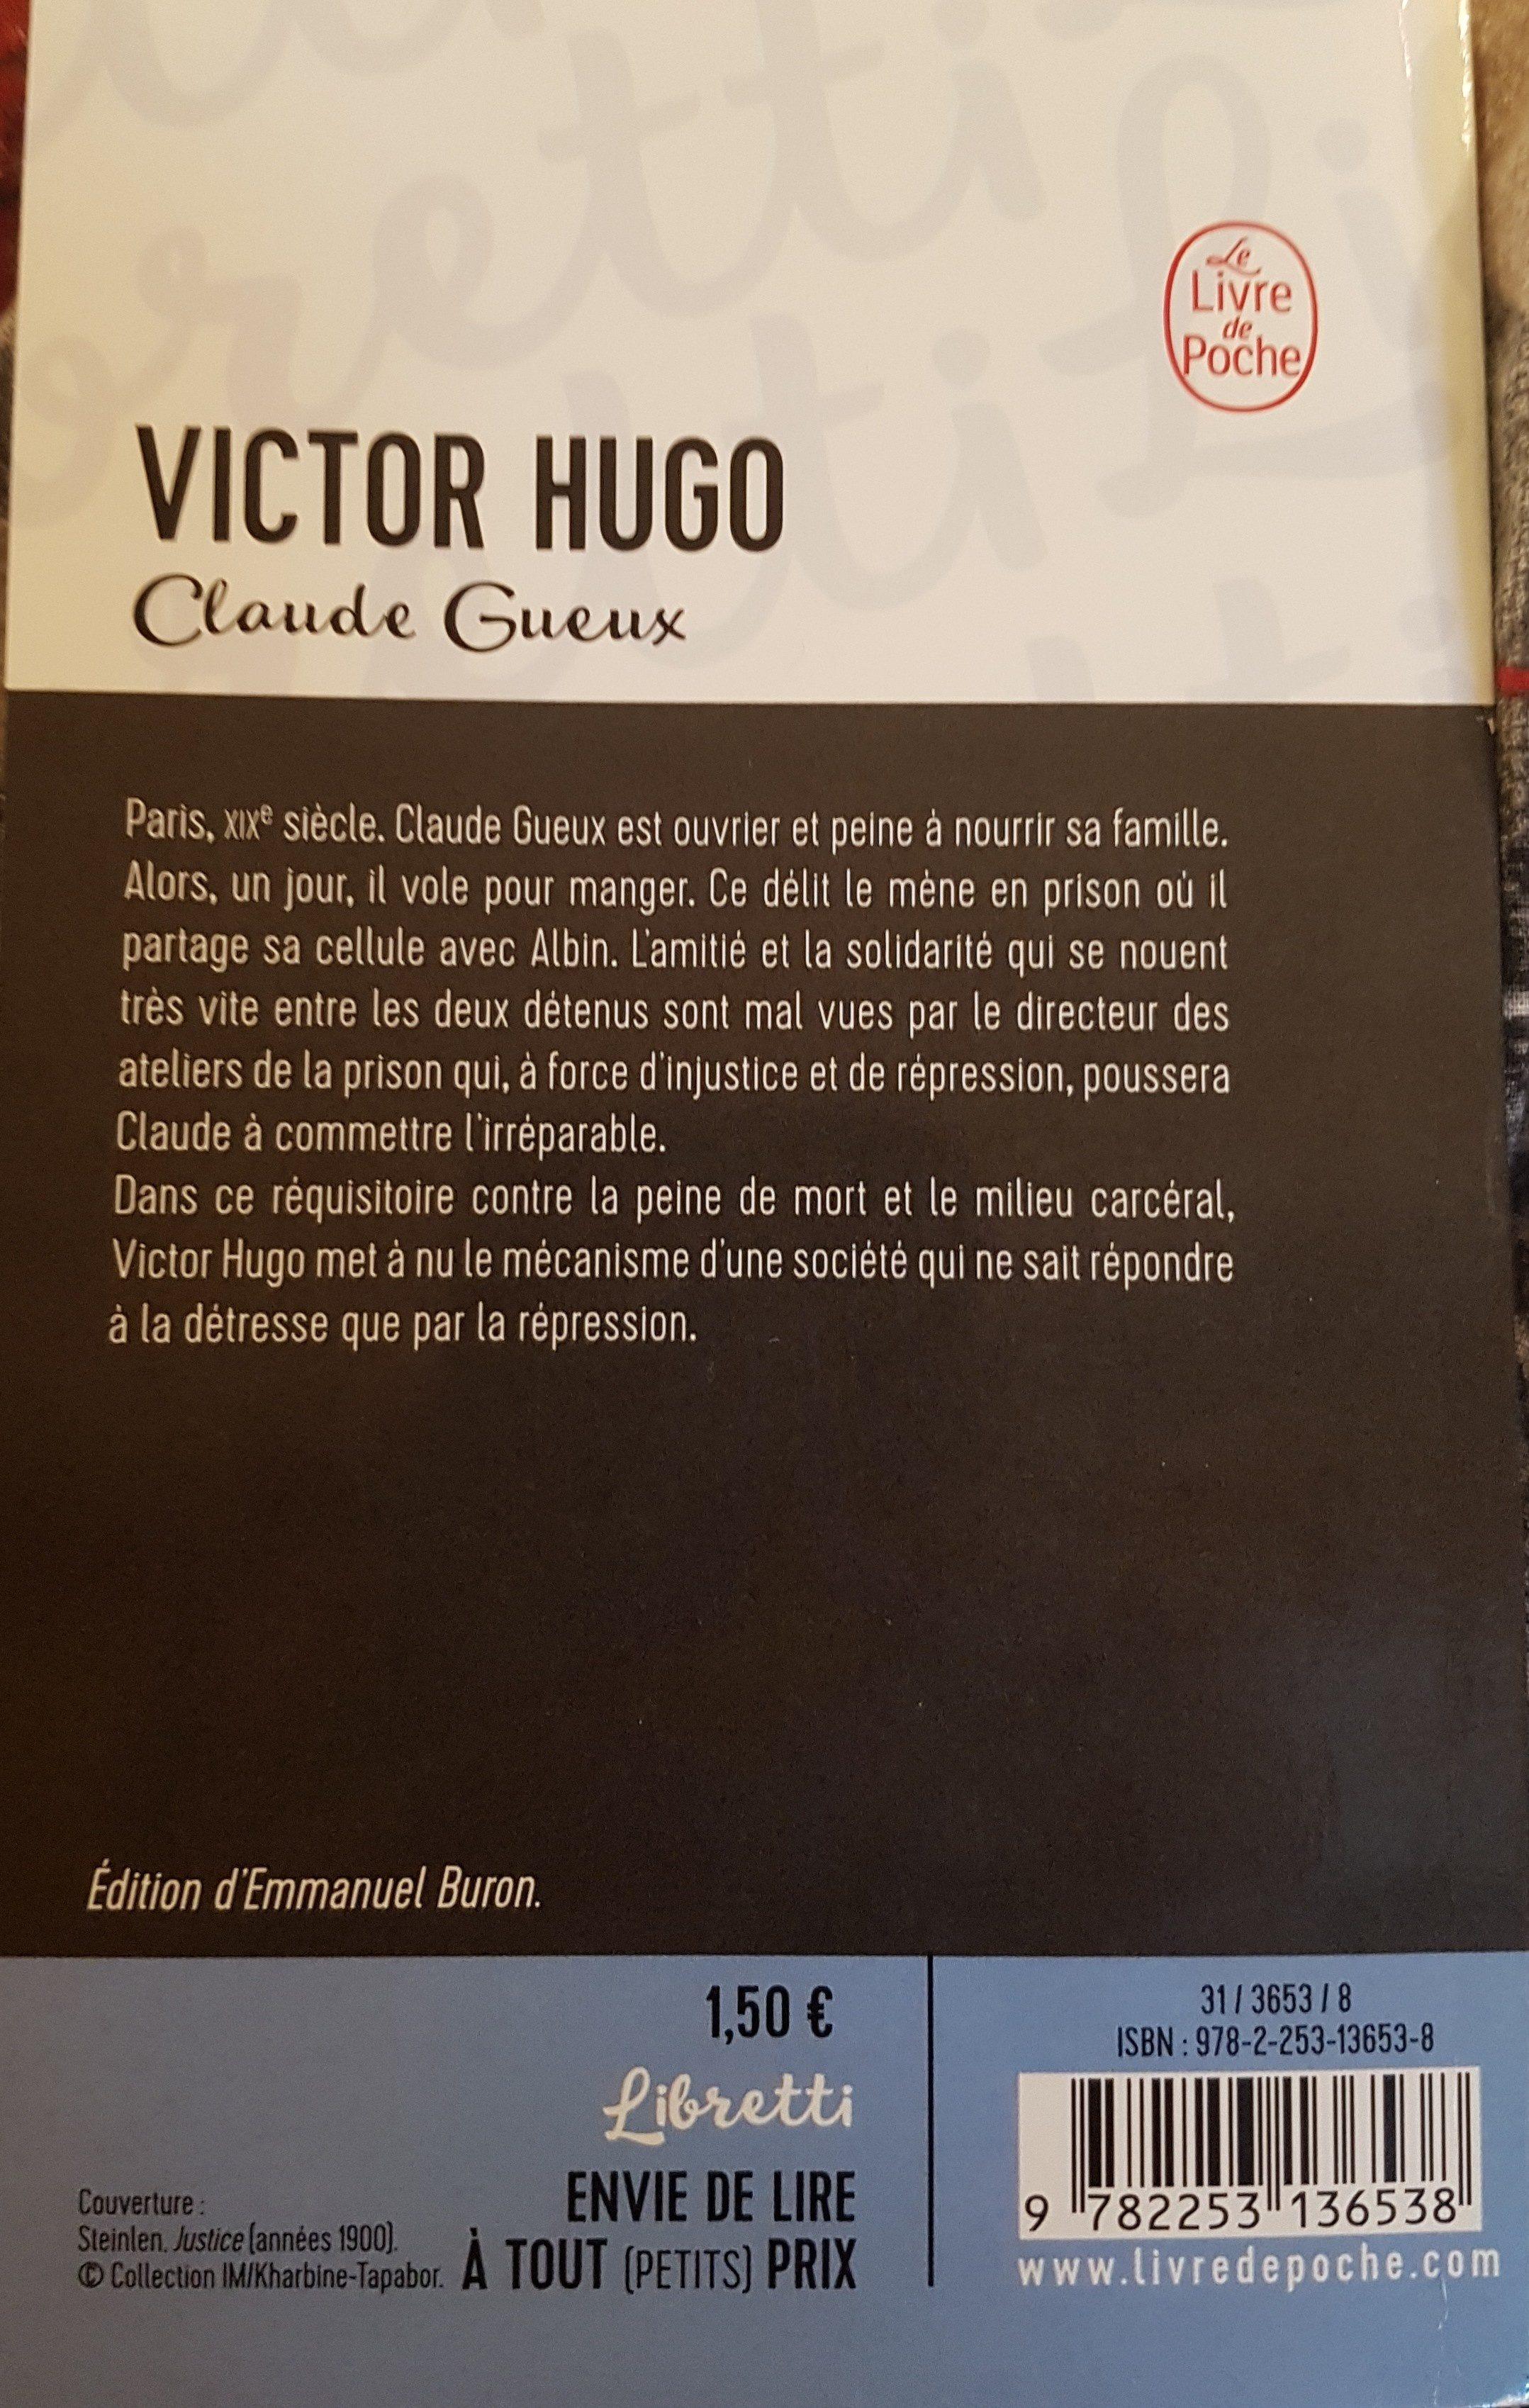 Victor Hugo de CLAUDE GUEUX - Ingredients